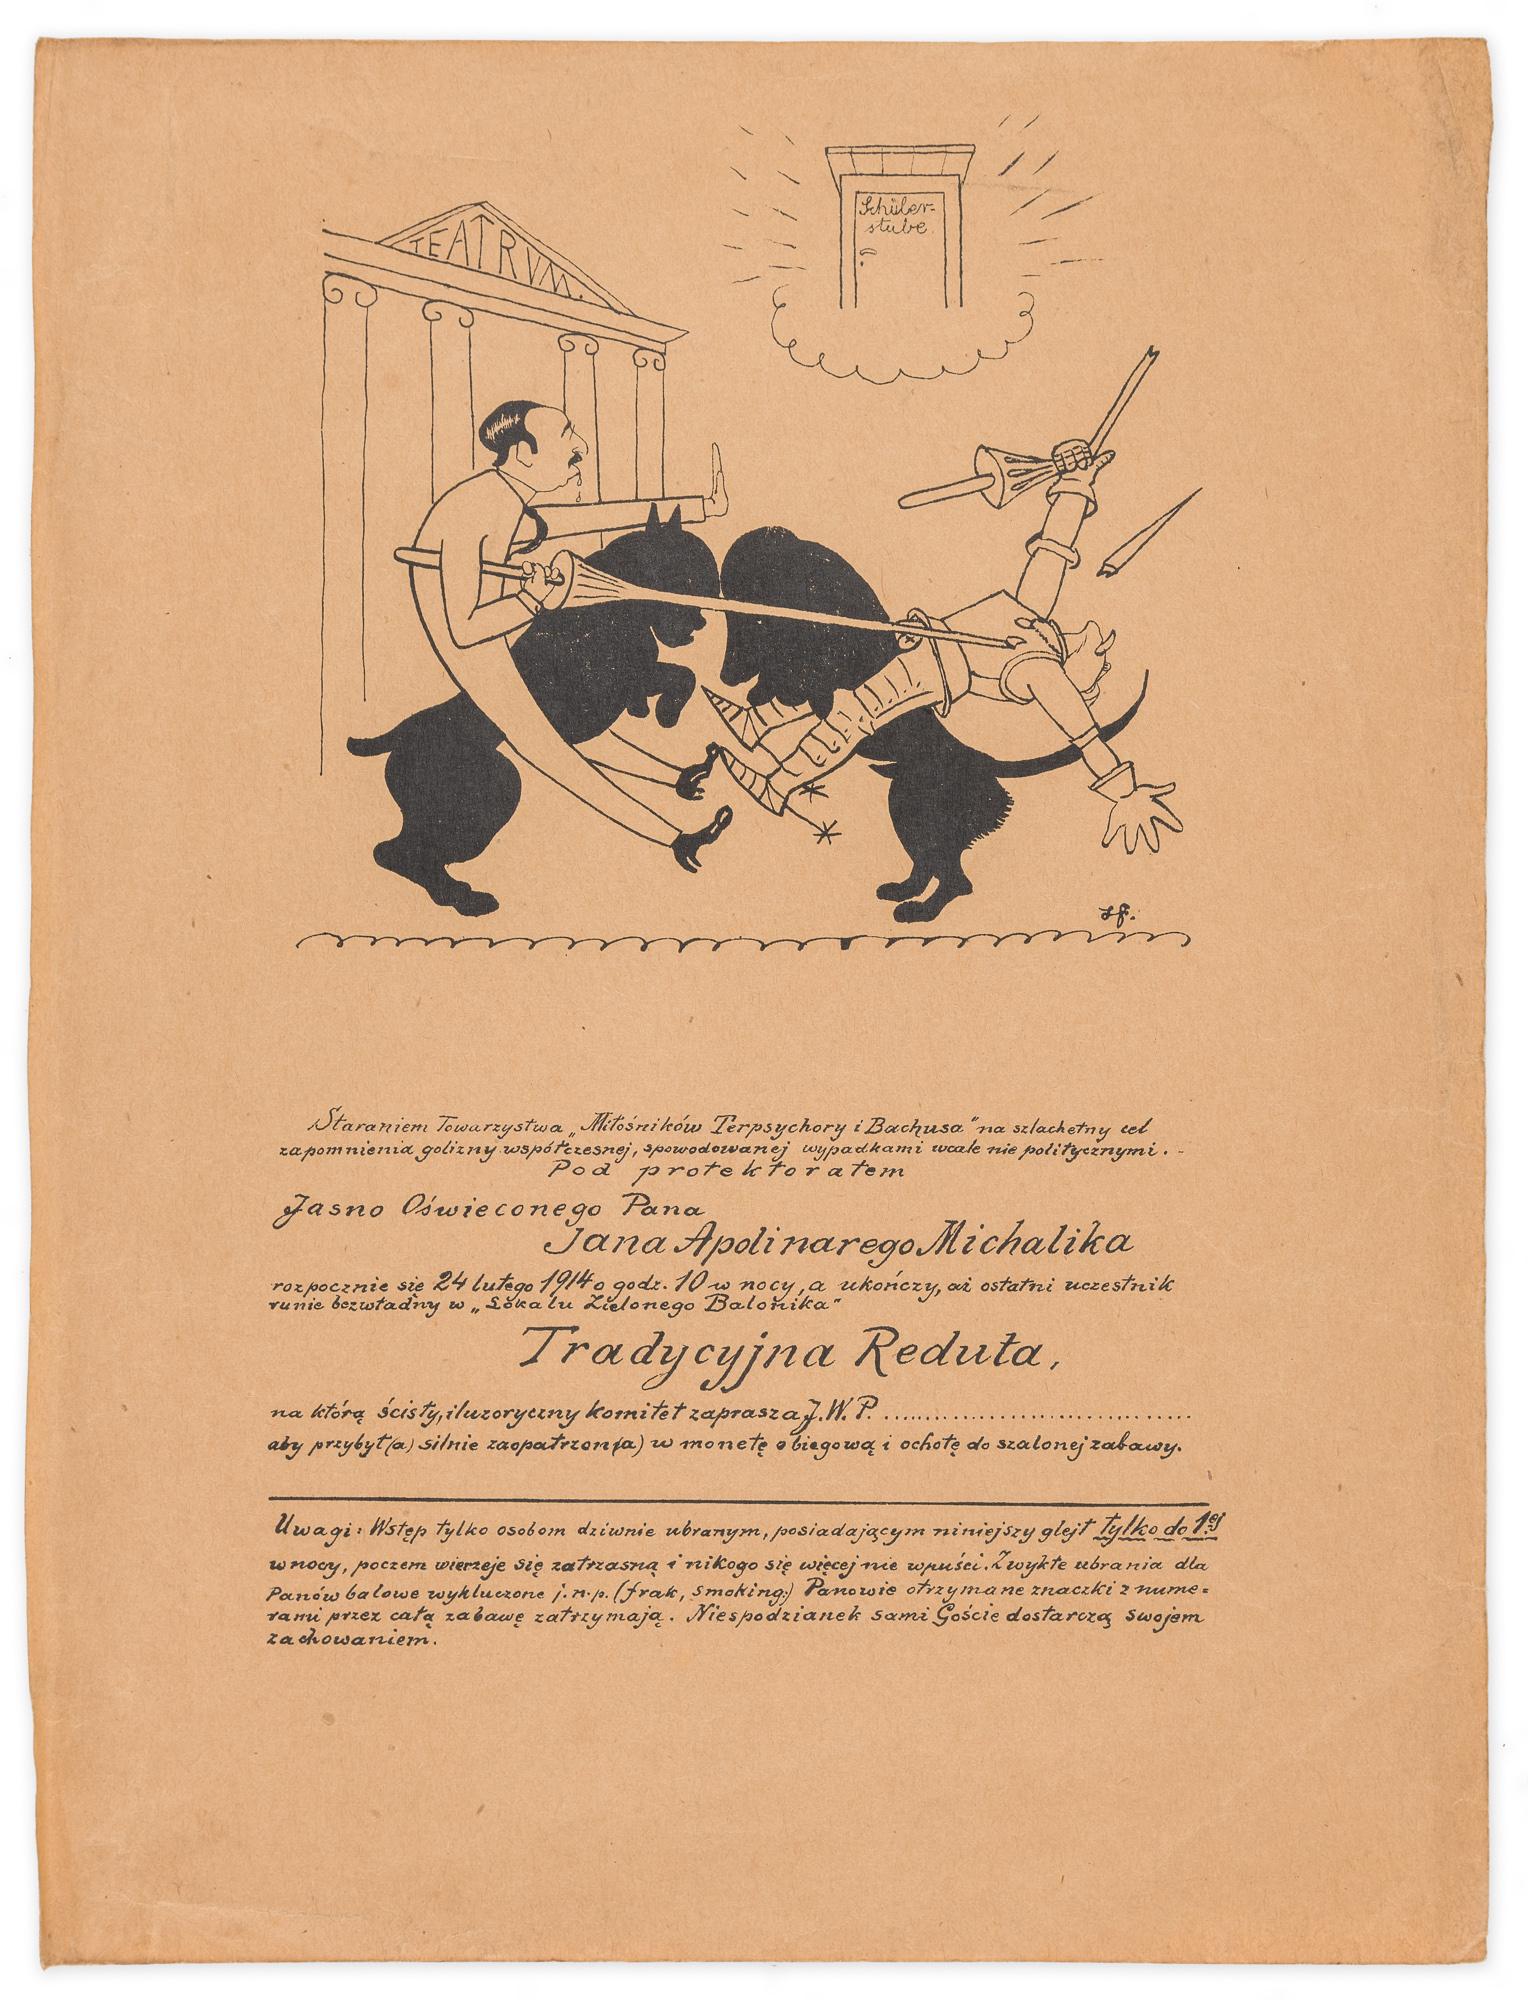 Zaproszenie na Tradycyjną Redutę Zielonego Balonika, 24 II 1914